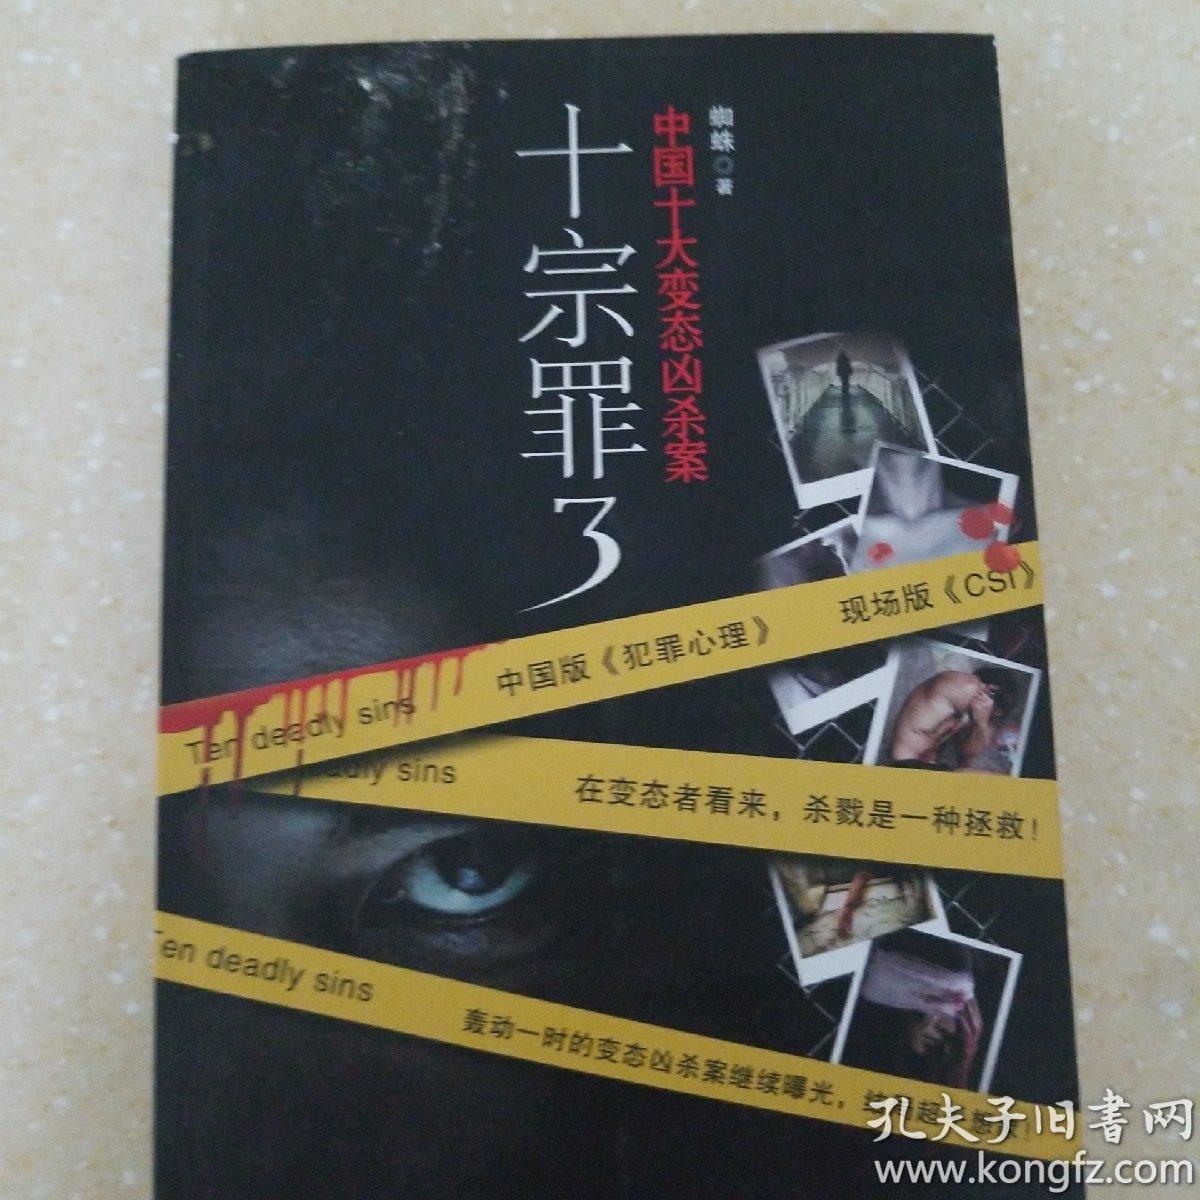 十宗罪3_十宗罪3:中国十大变态凶杀案